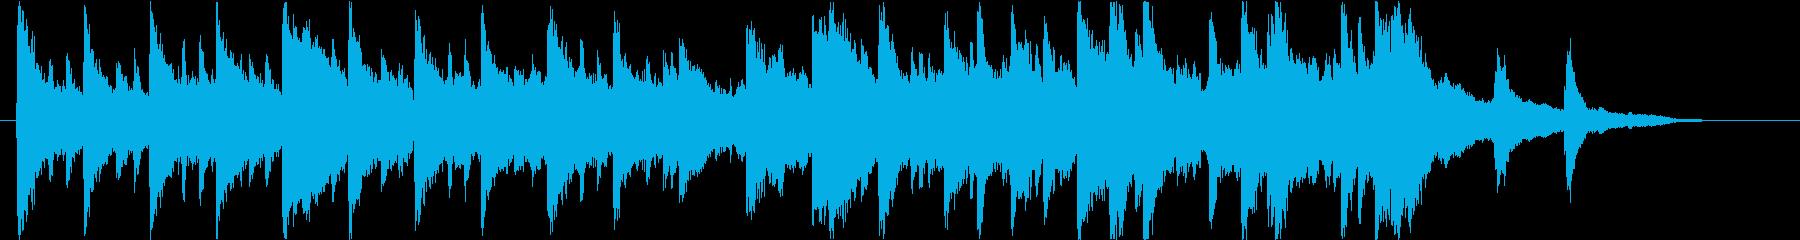 短めのしっとりしたピアノ曲です。の再生済みの波形